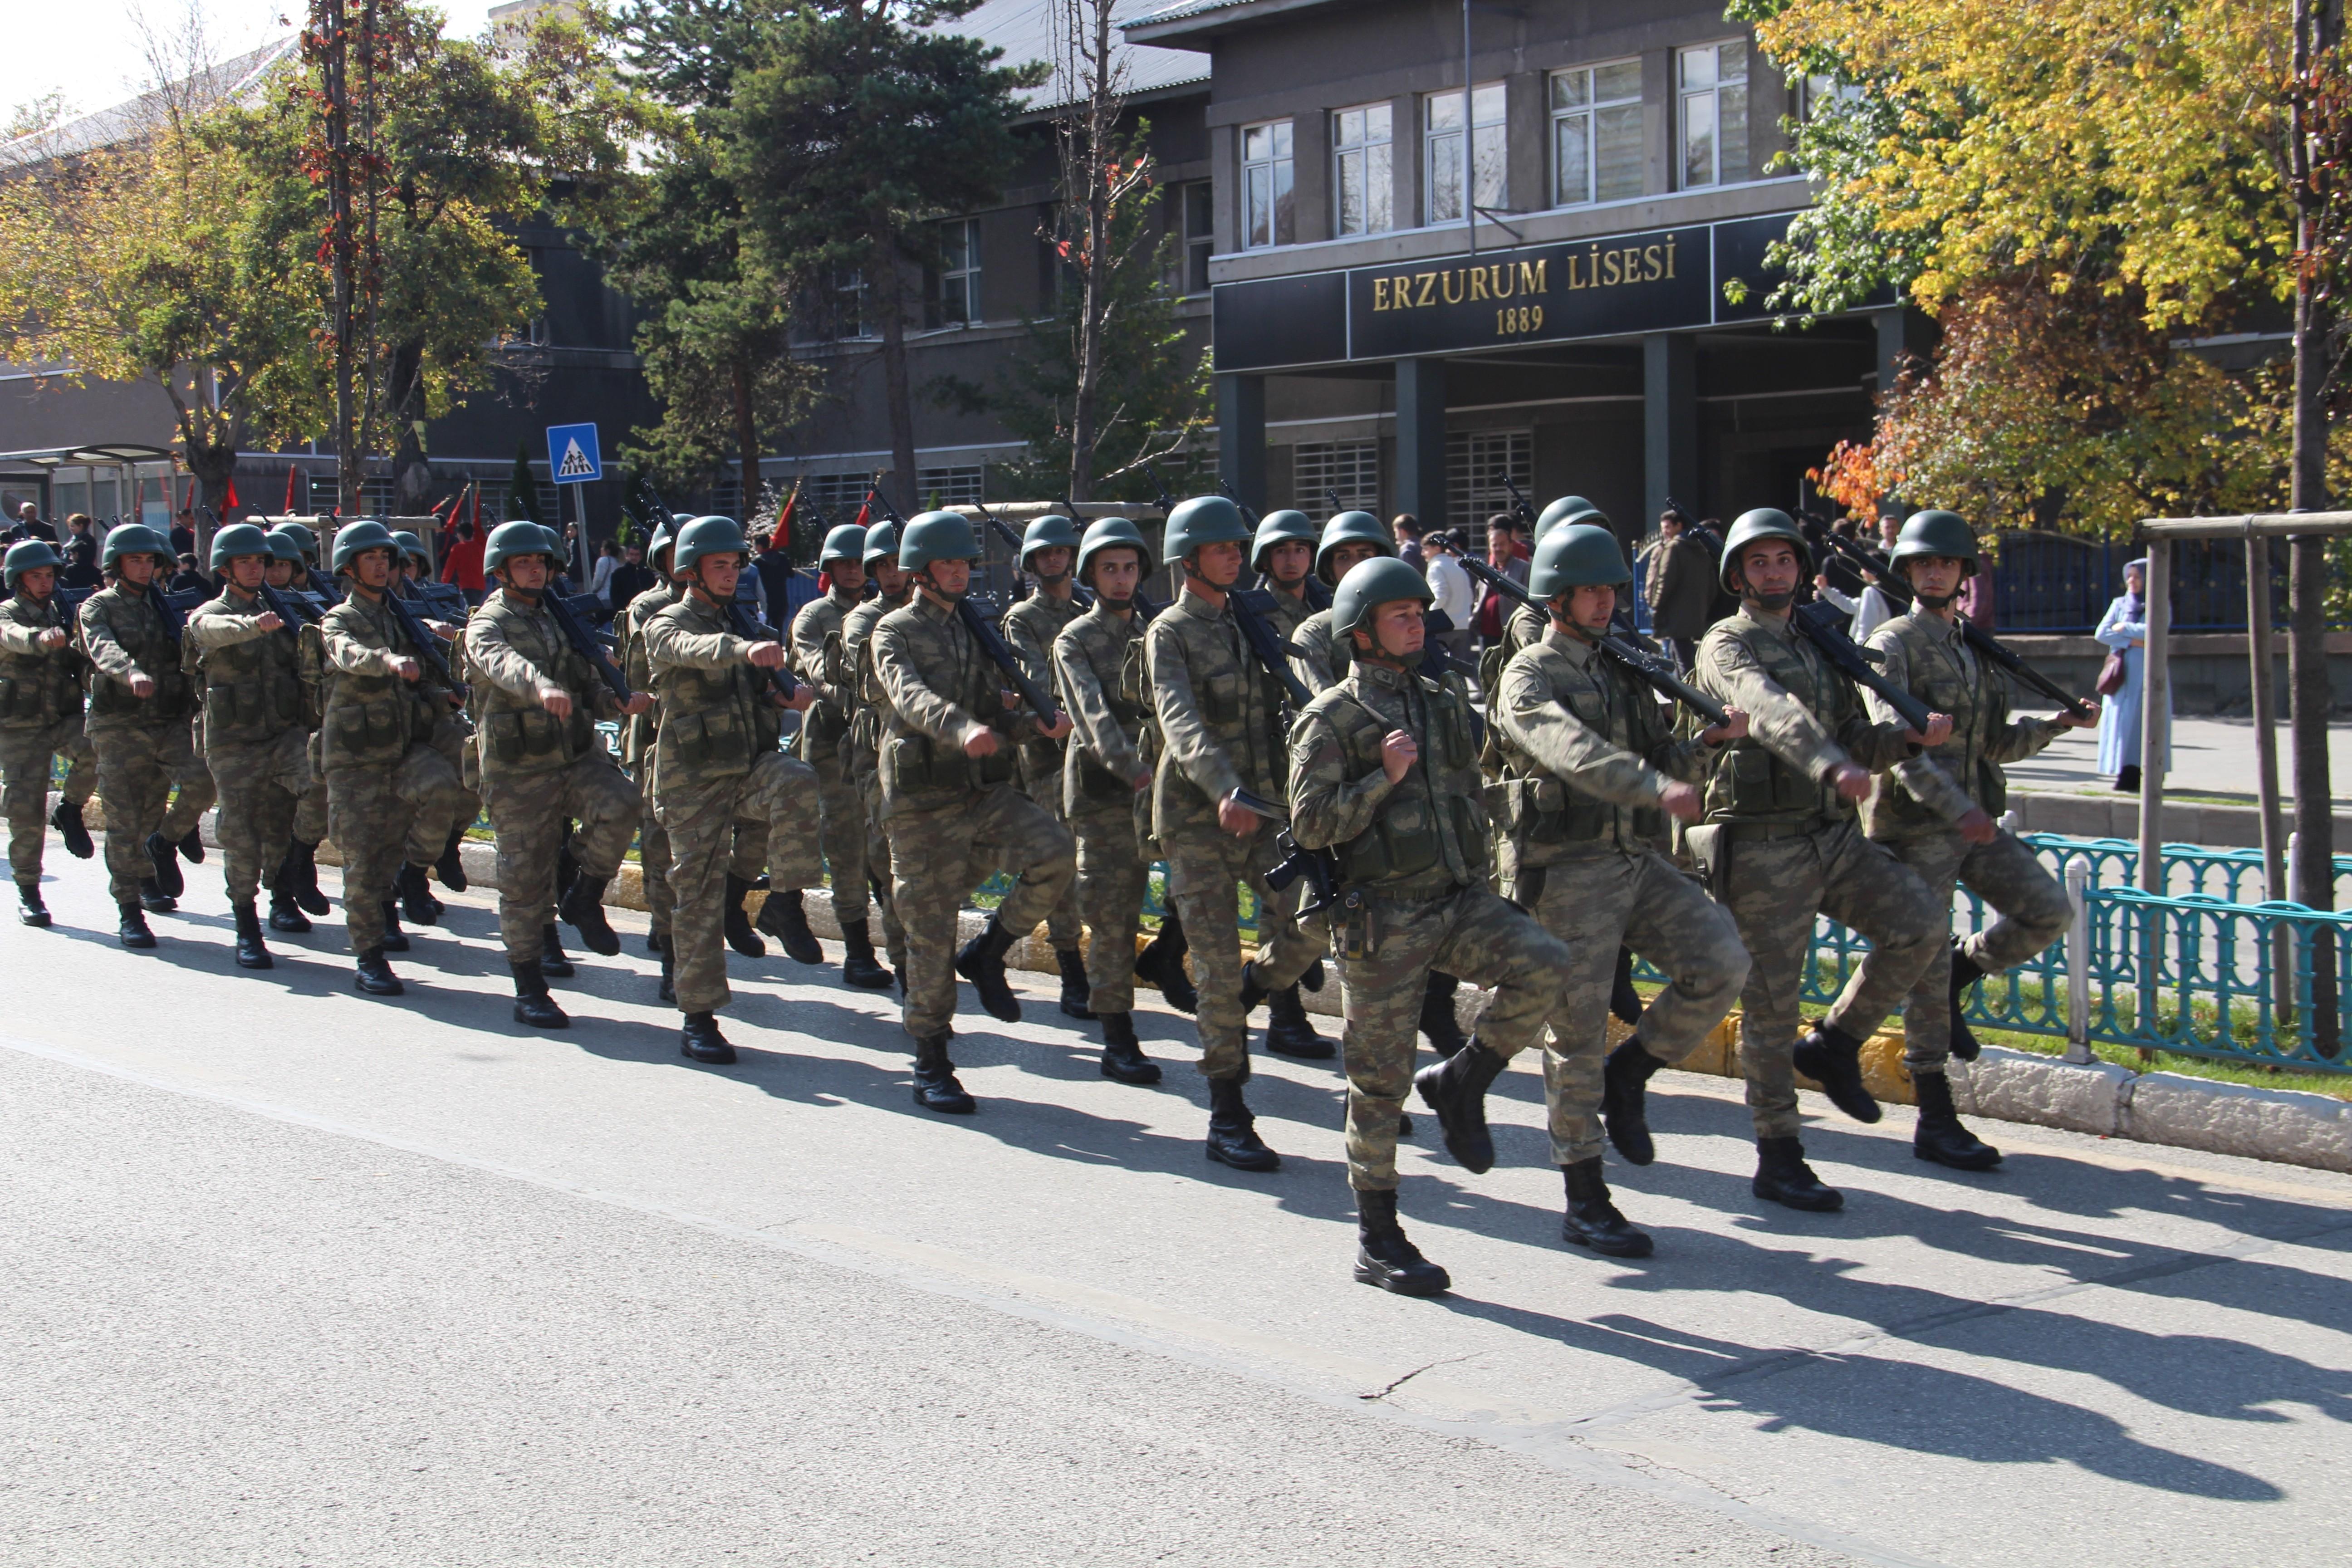 Erzurum'da 29 Ekim Cumhuriyet Bayramı kutlama provası